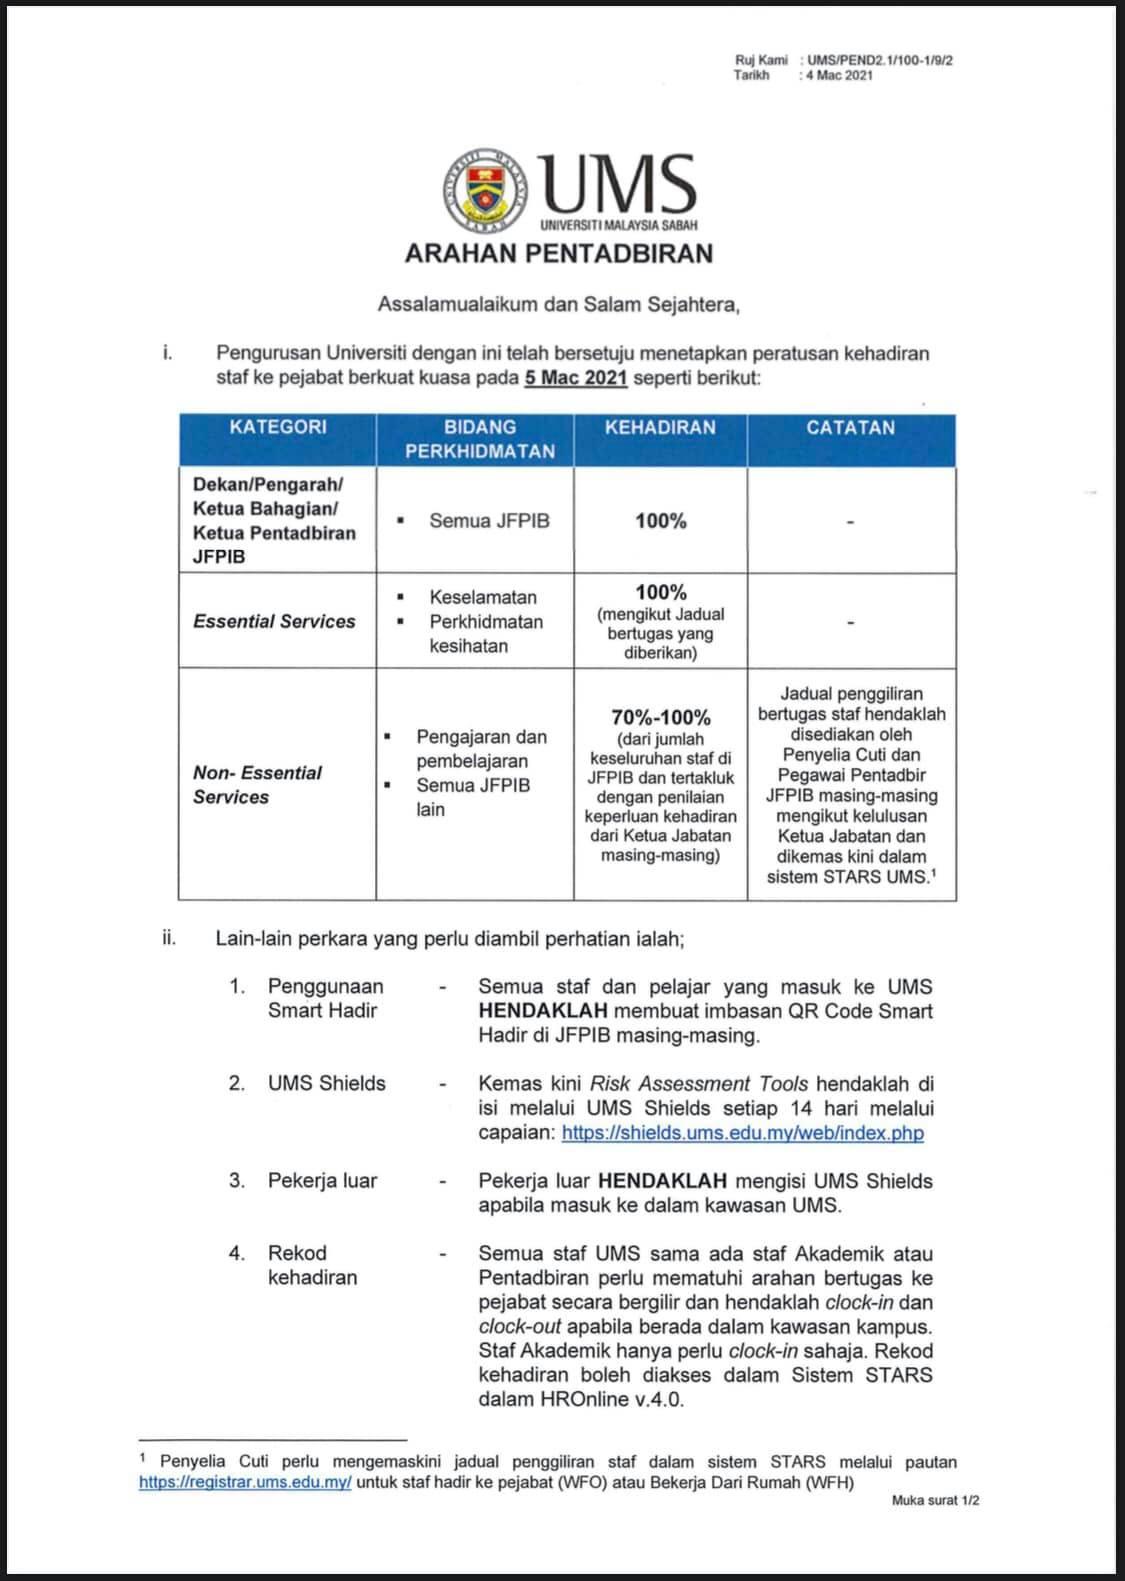 Pemakluman Terkini Peraturan Kehadiran Kakitangan Universiti Malaysia Sabah